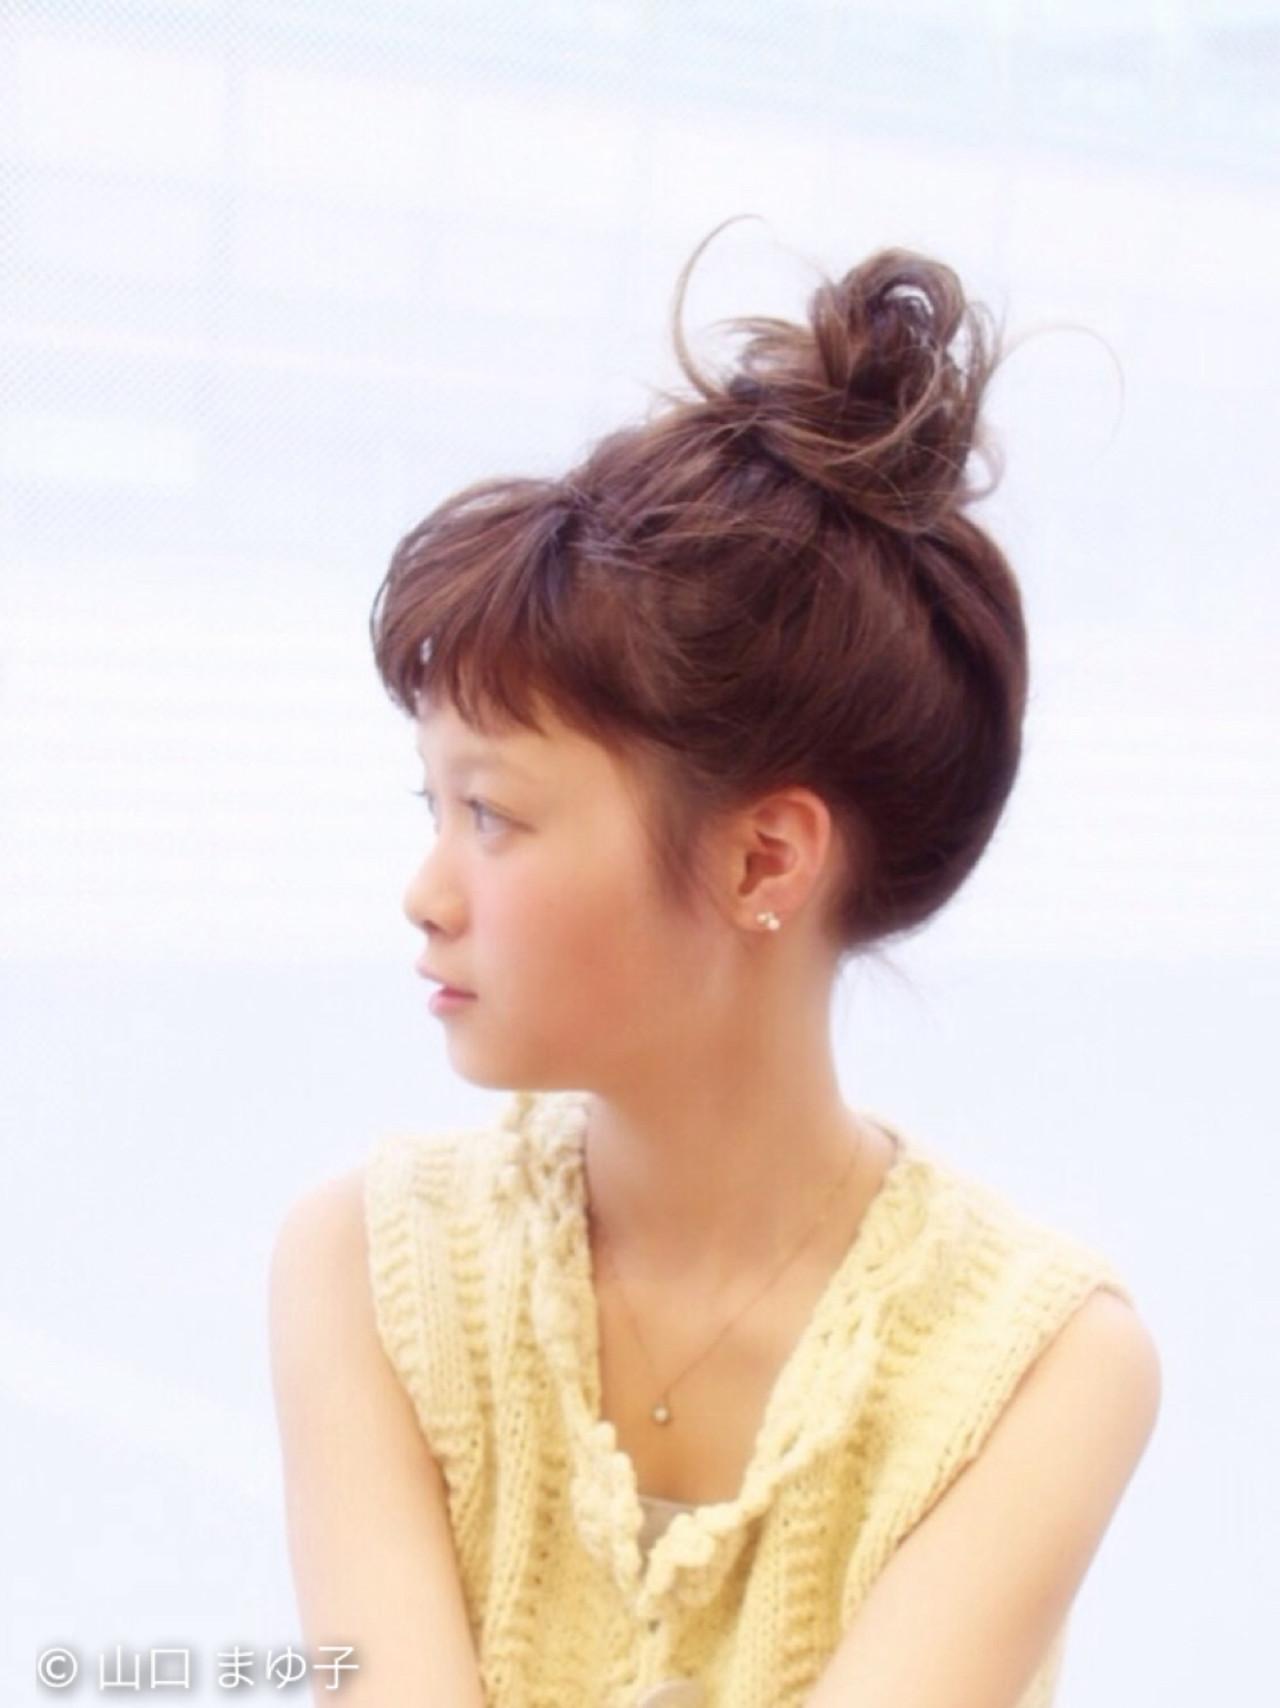 ミディアム ヘアアレンジ 簡単ヘアアレンジ ゆるふわ ヘアスタイルや髪型の写真・画像